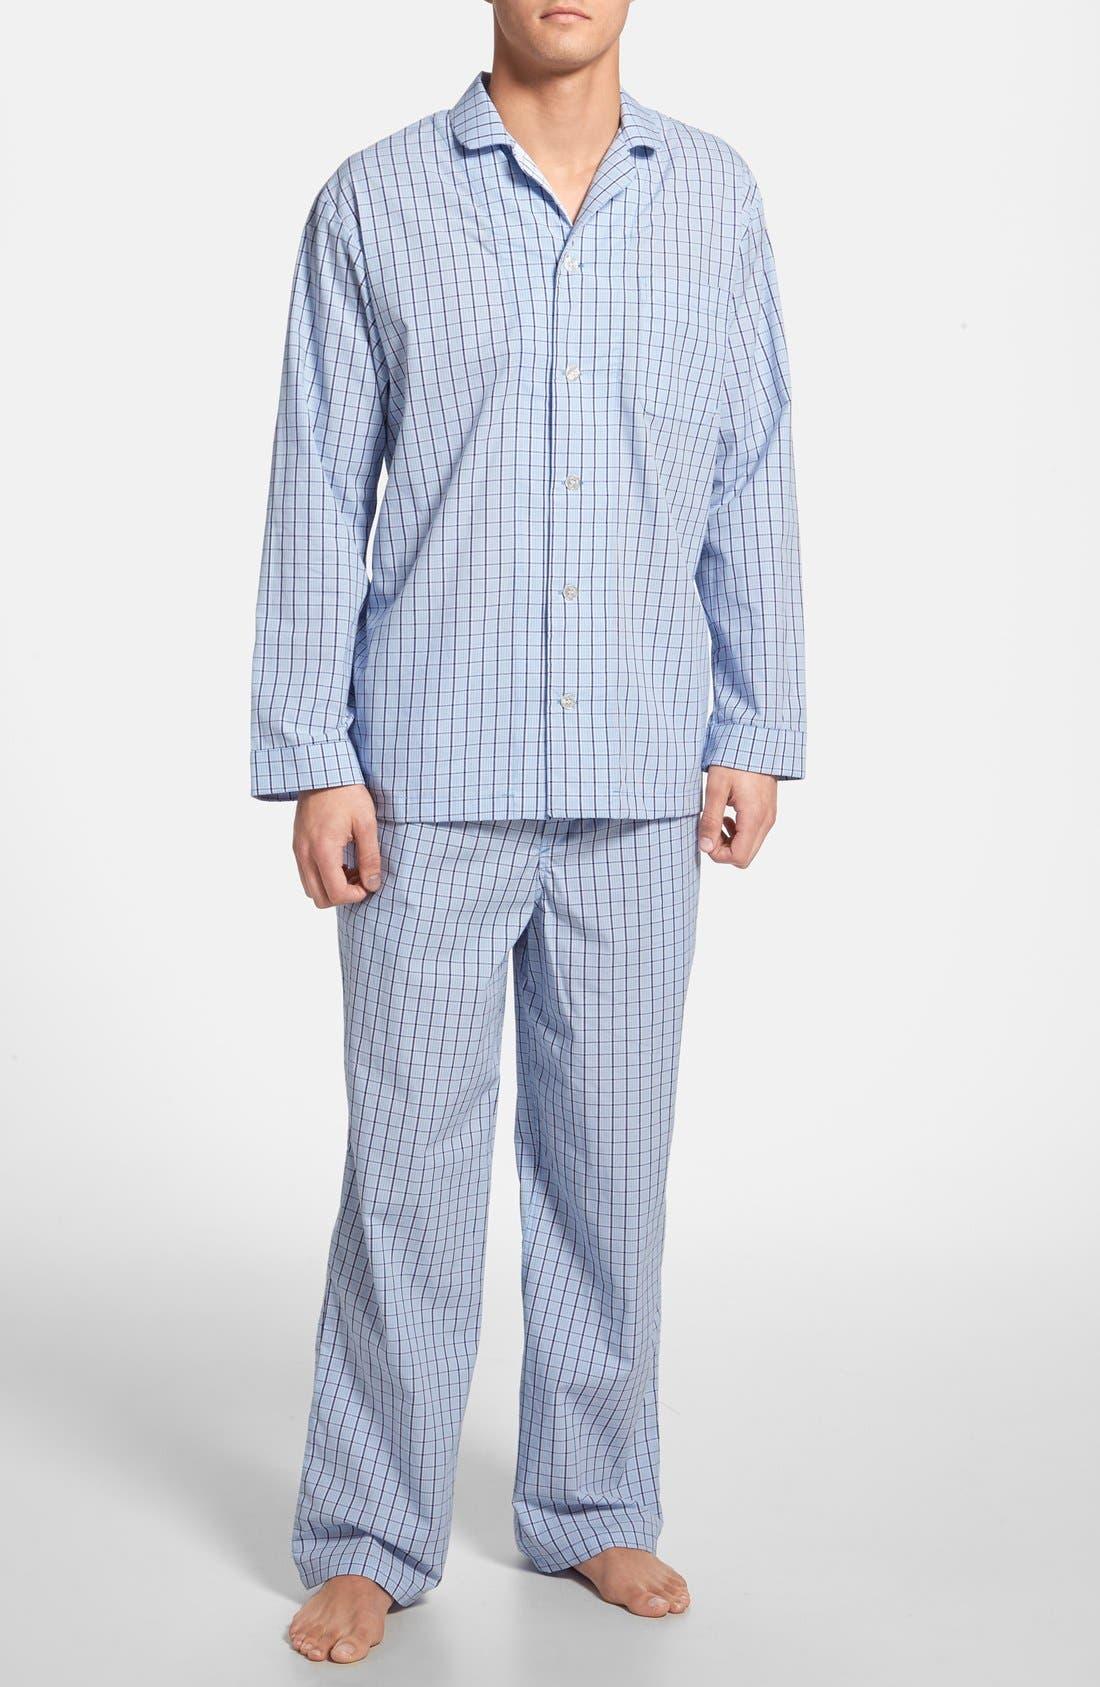 Main Image - Nordstrom Men's Shop Poplin Pajama Set